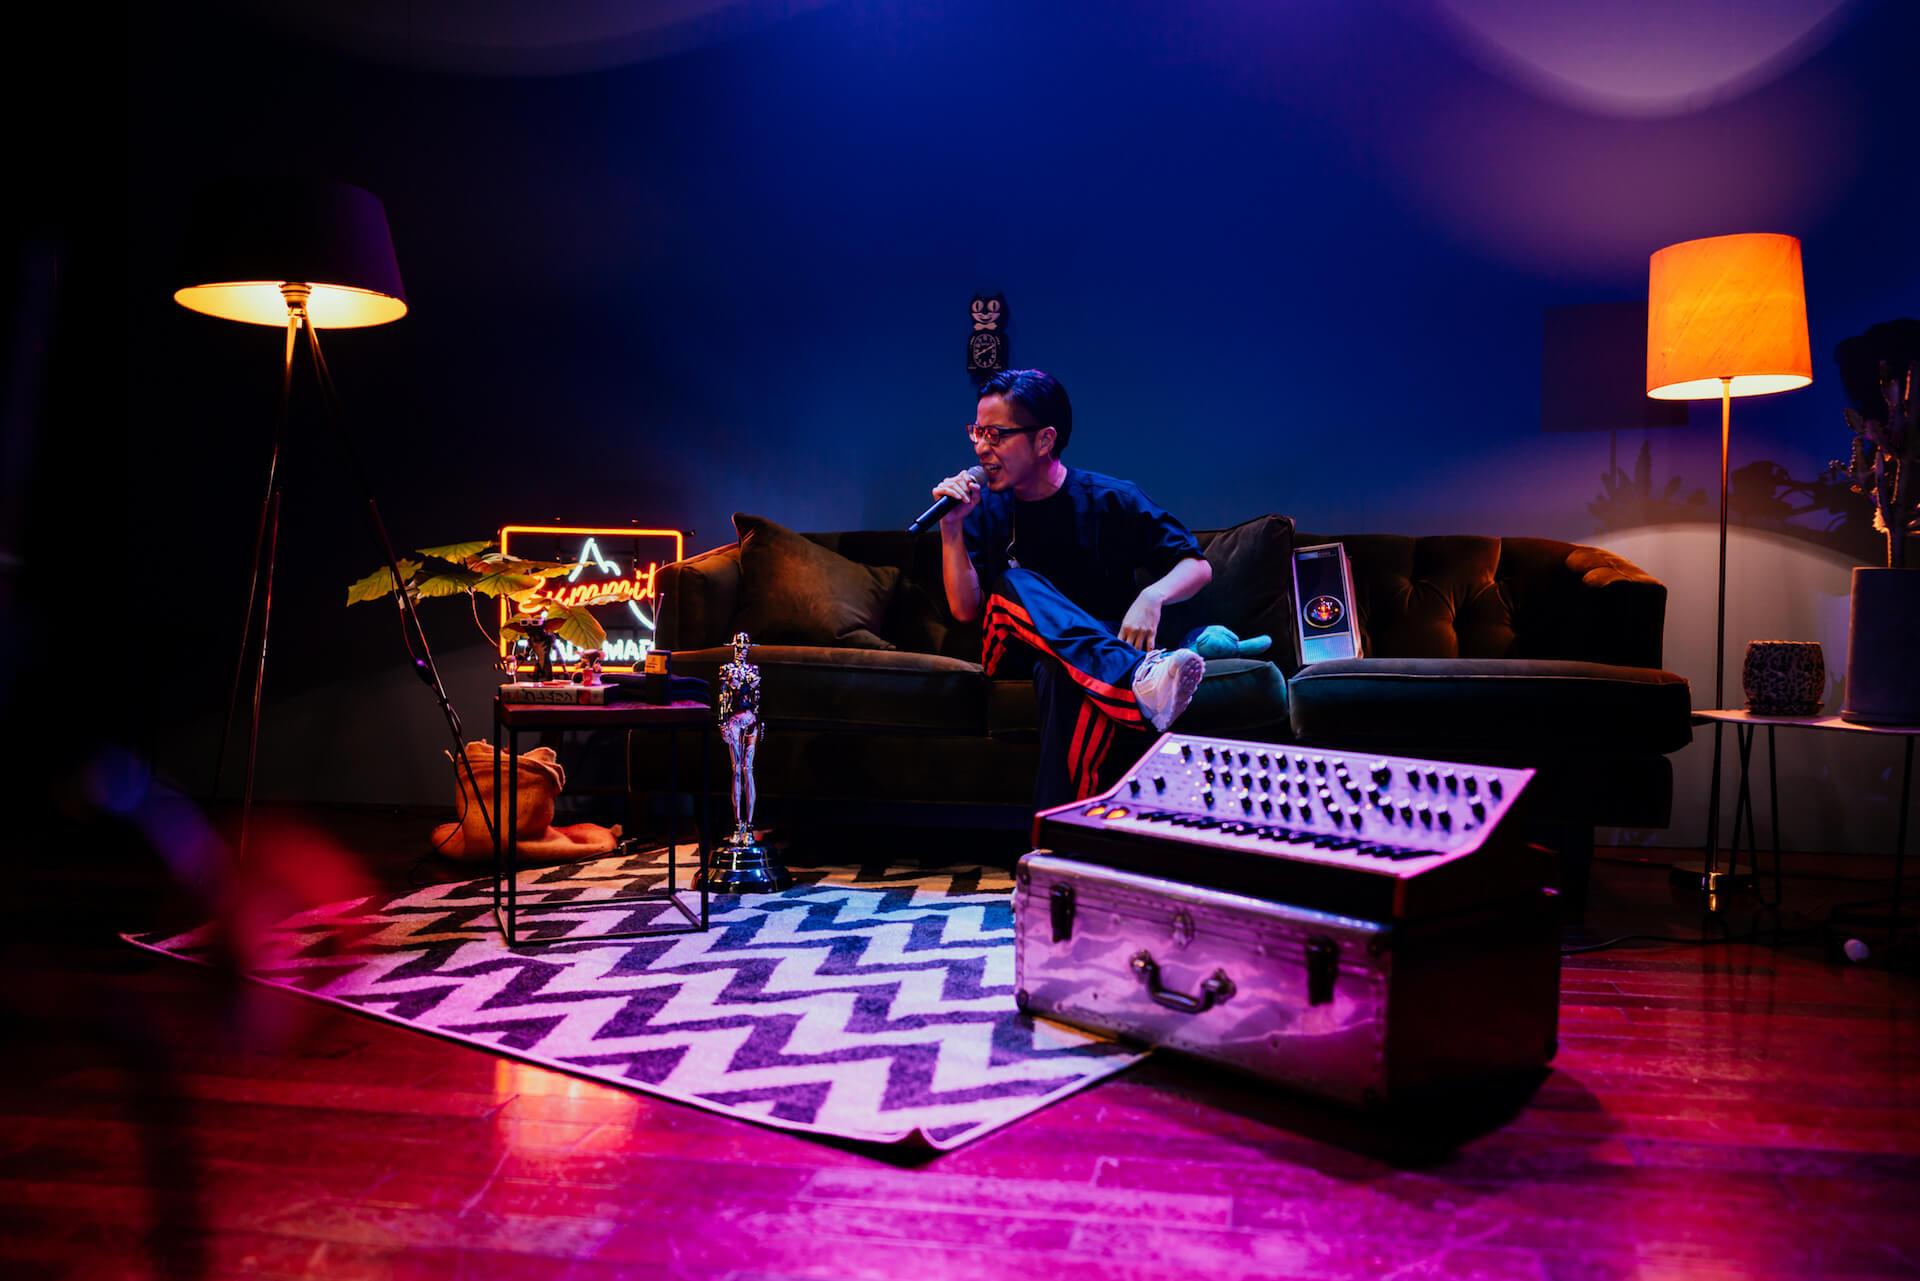 ライブレポート:LIVEWIRE PUNPEE<Sofa Kingdomcome>|映画作品のような夢見心地の時間 music200915_punpee_2